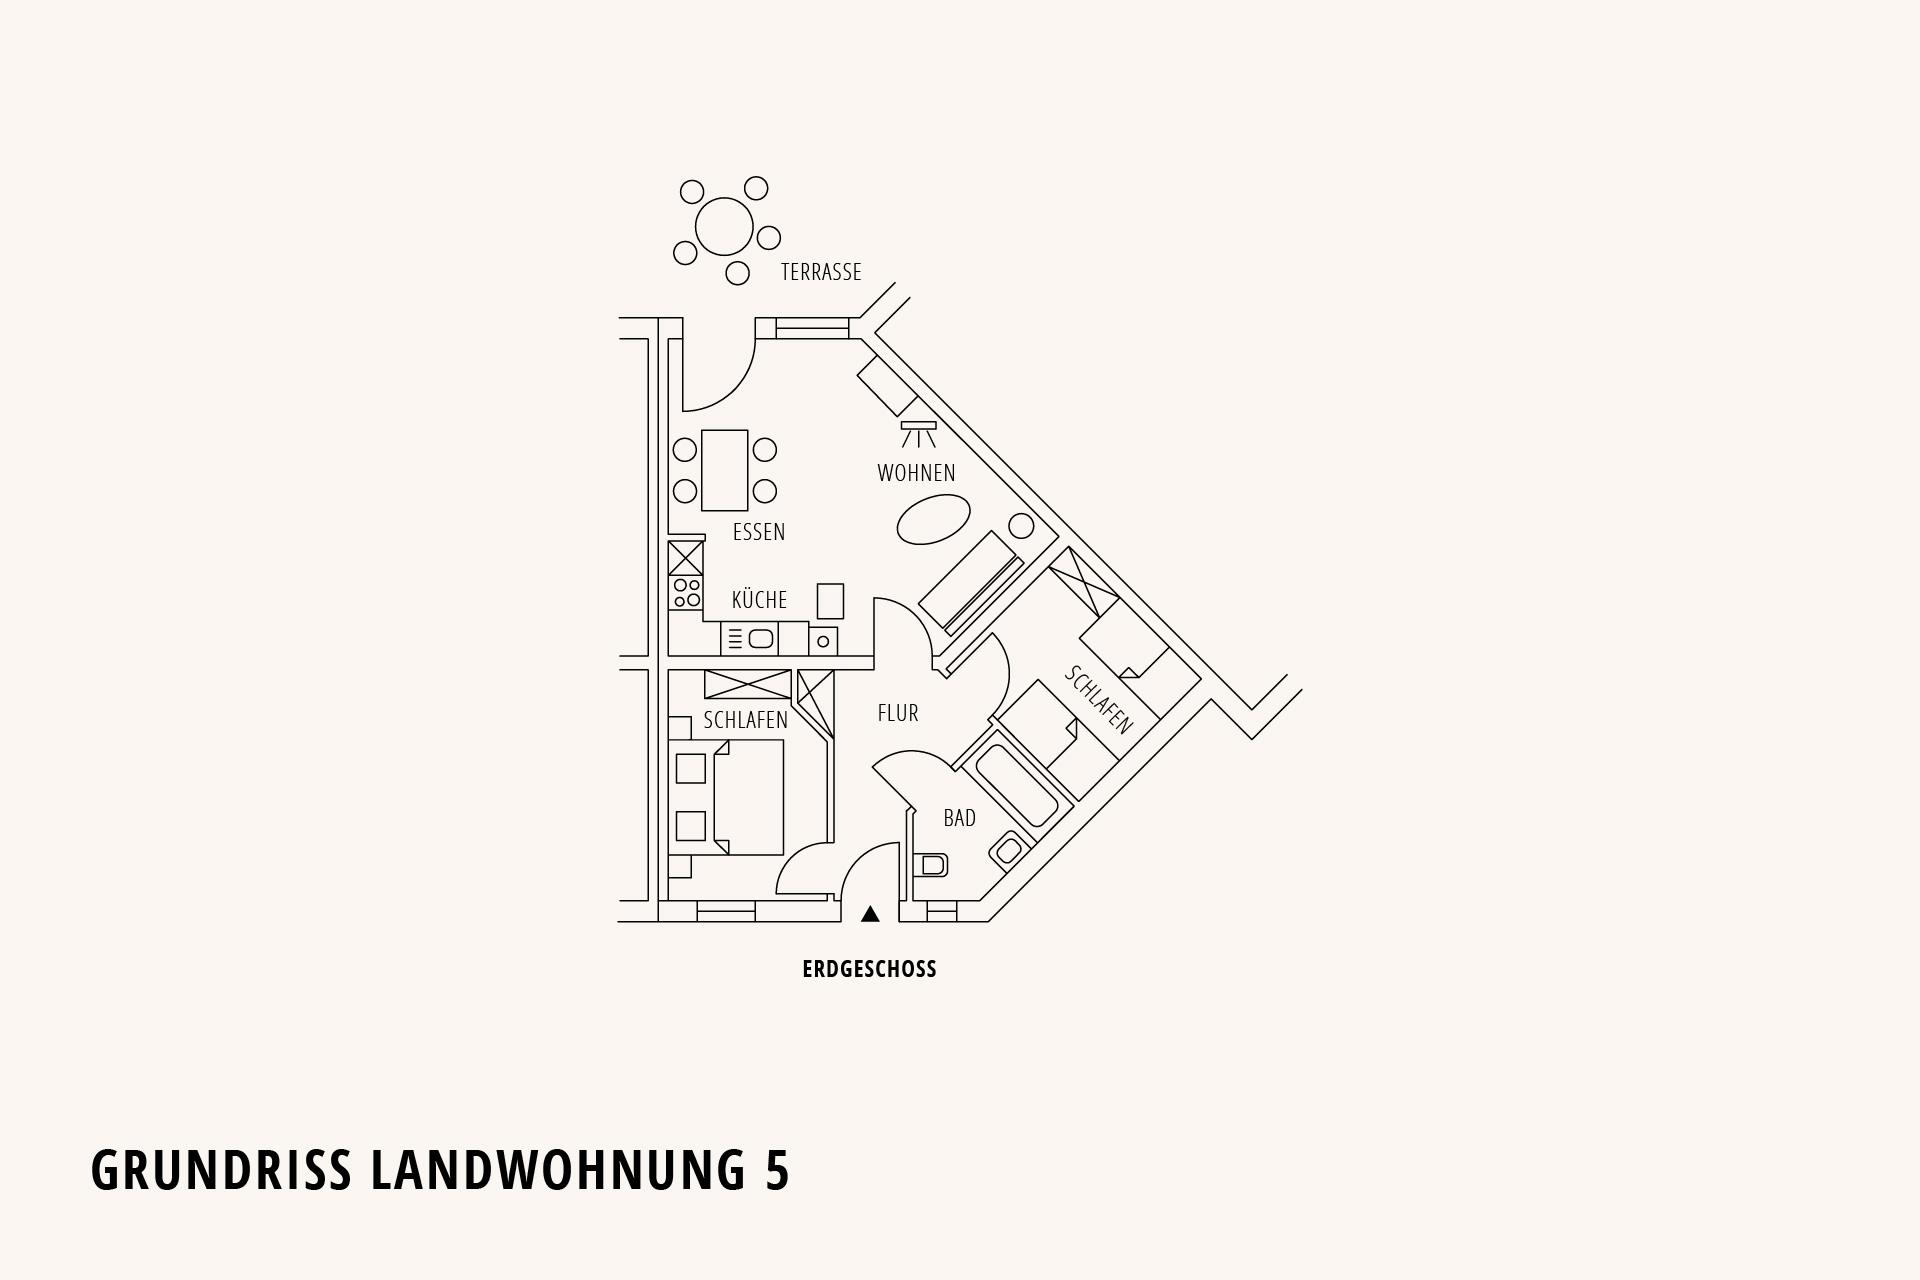 Landwohnung_5_Grundriss